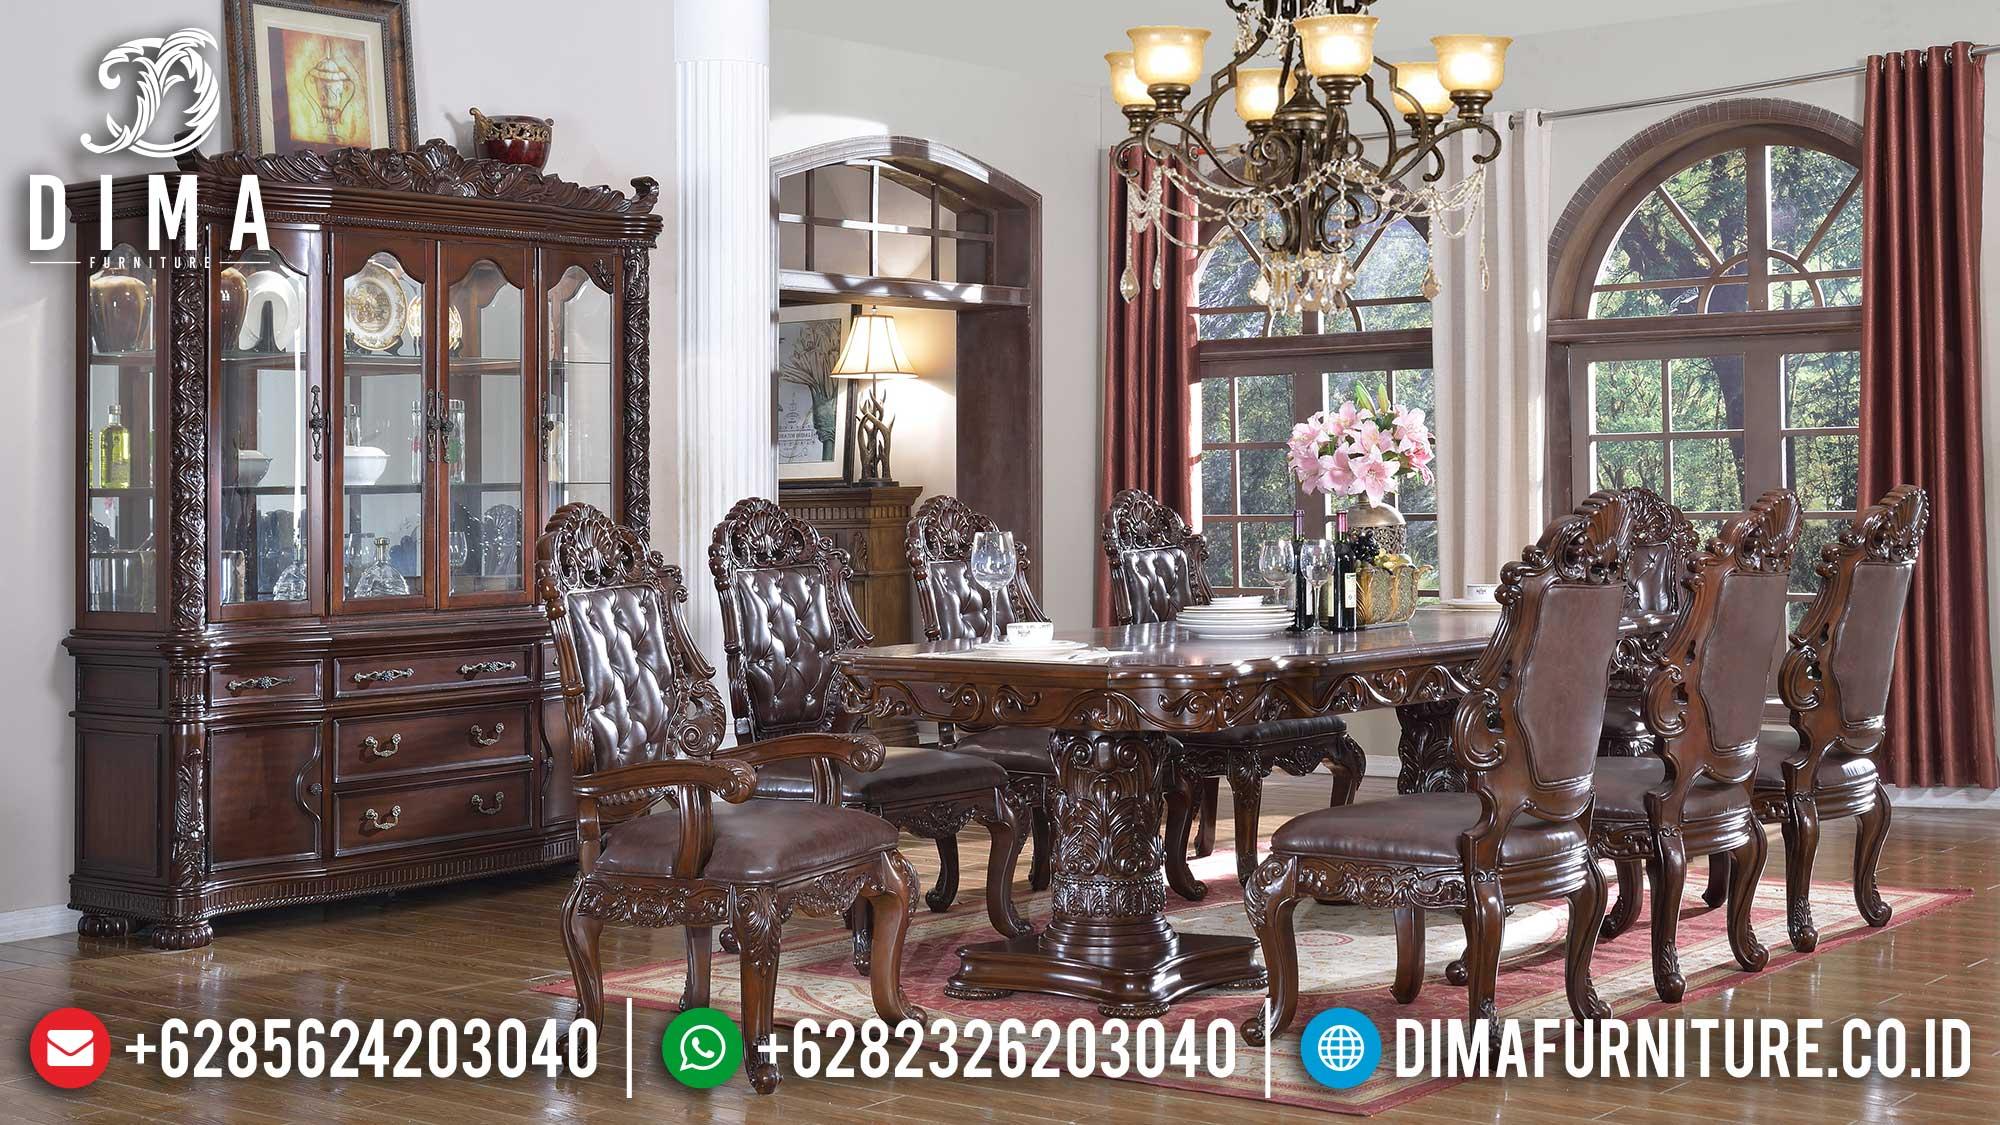 Meja Makan Mewah Jati Classic Natural Luxury Carving Jepara Best Price TTJ-1380